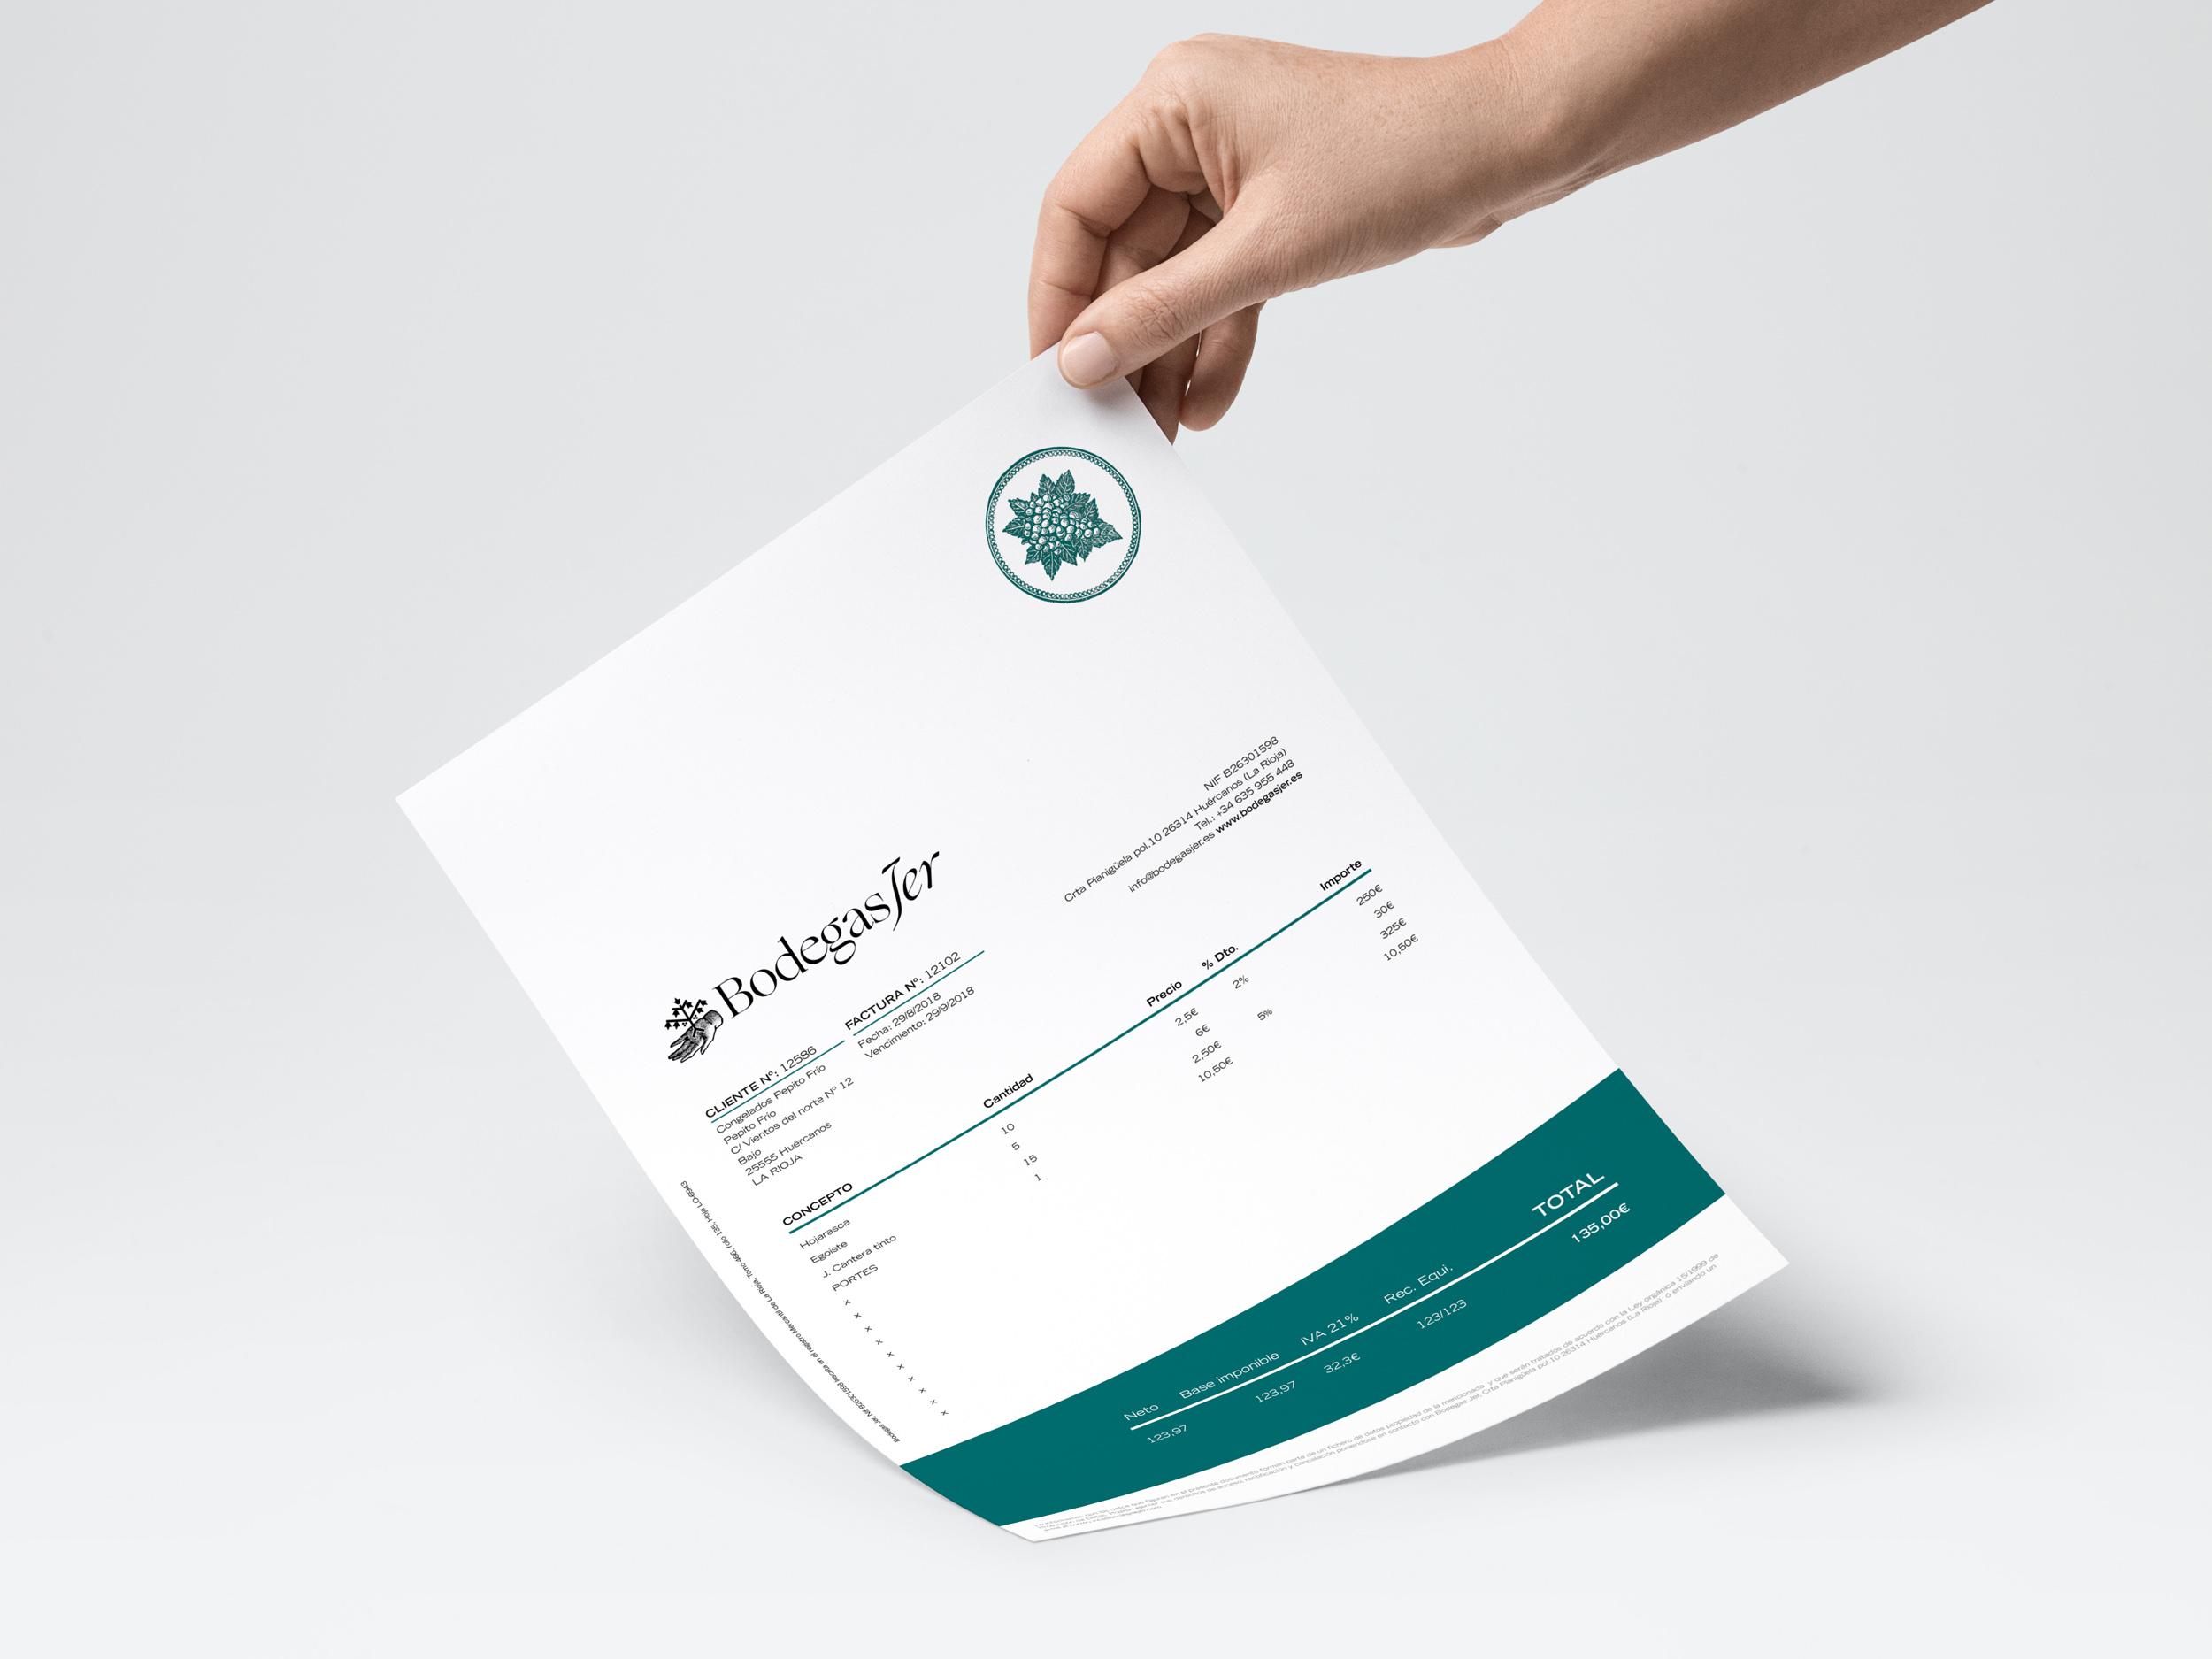 Diseño identidad y papelería bodegas Jer, La Rioja.